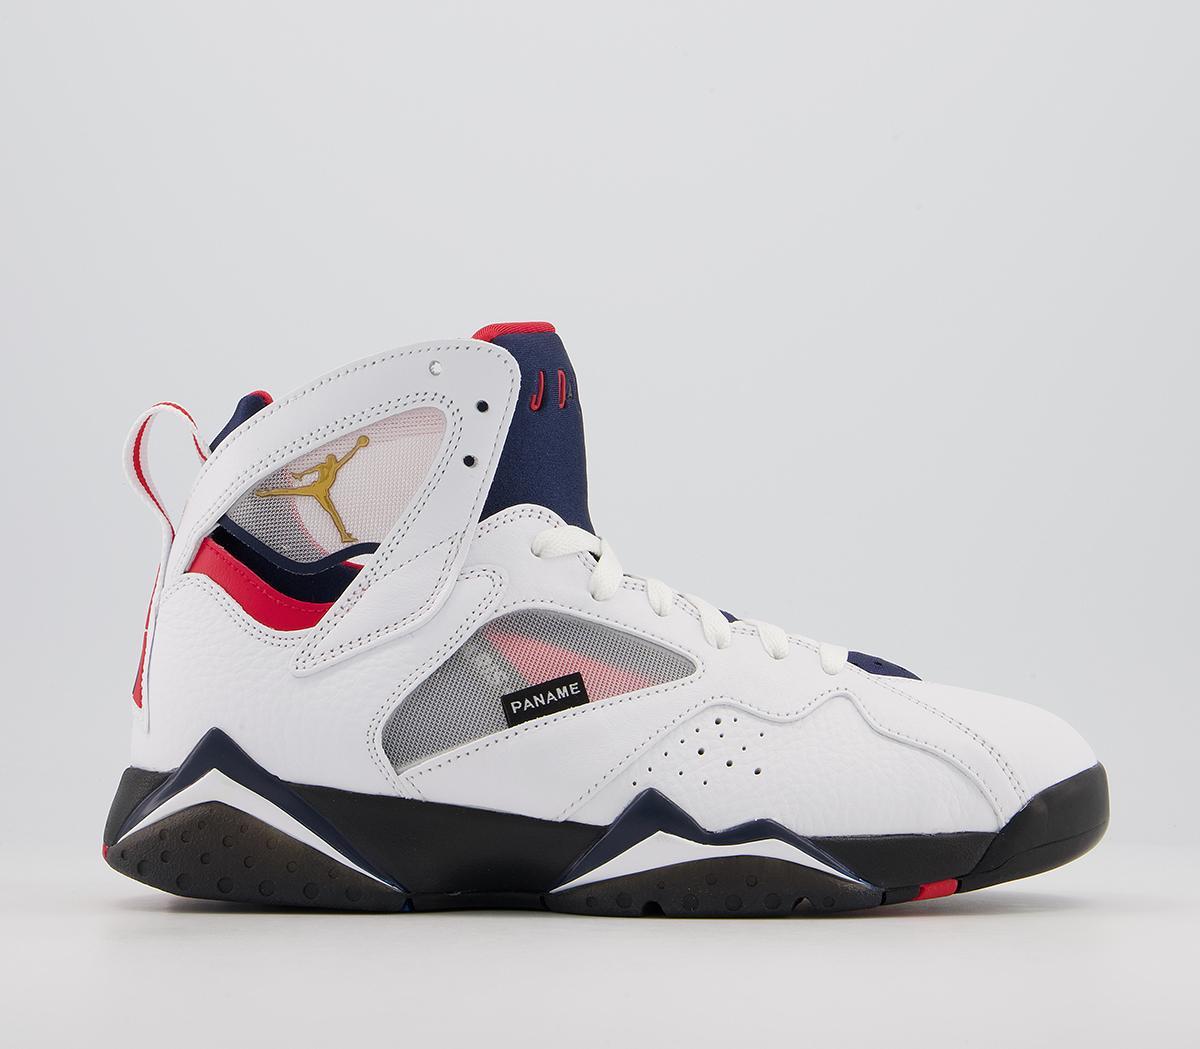 Air Jordan 7 Trainers